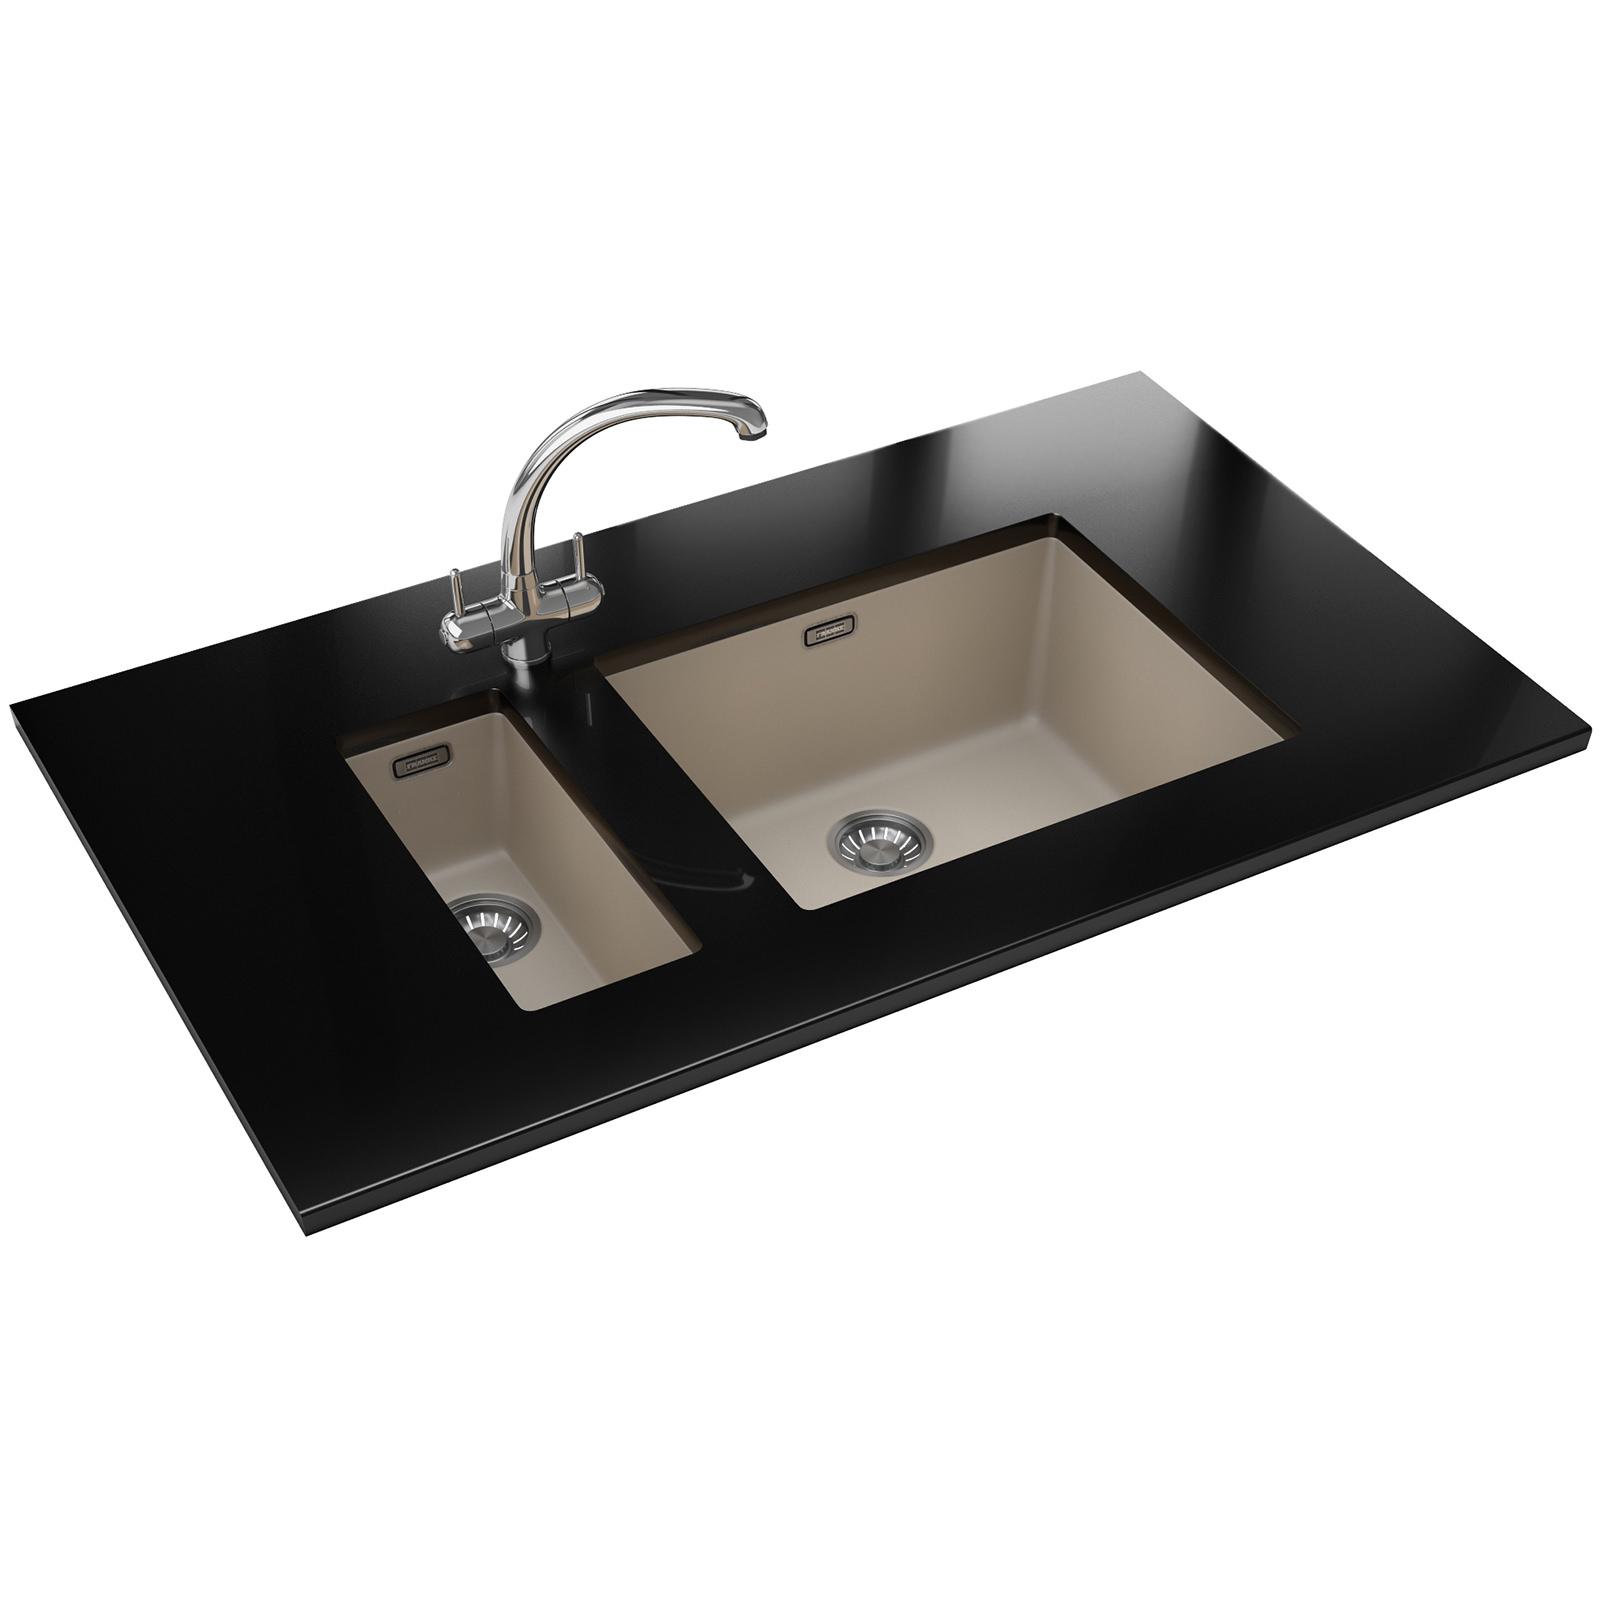 Franke Sirius SID 110 50 Tectonite 1.0 Bowl Coffee Undermount Sink